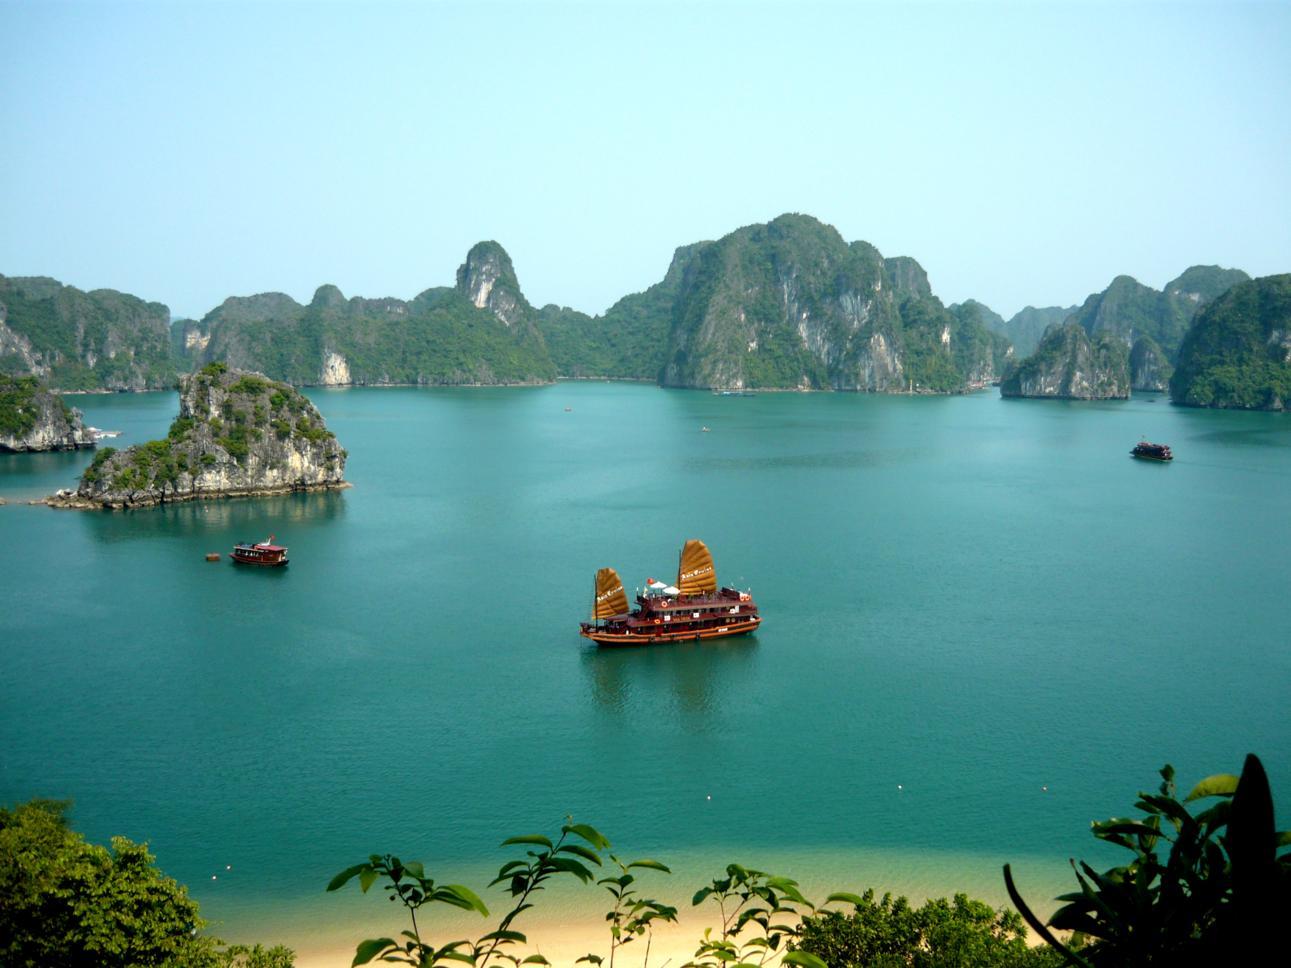 Une adresse idéale pour un départ au Vietnam